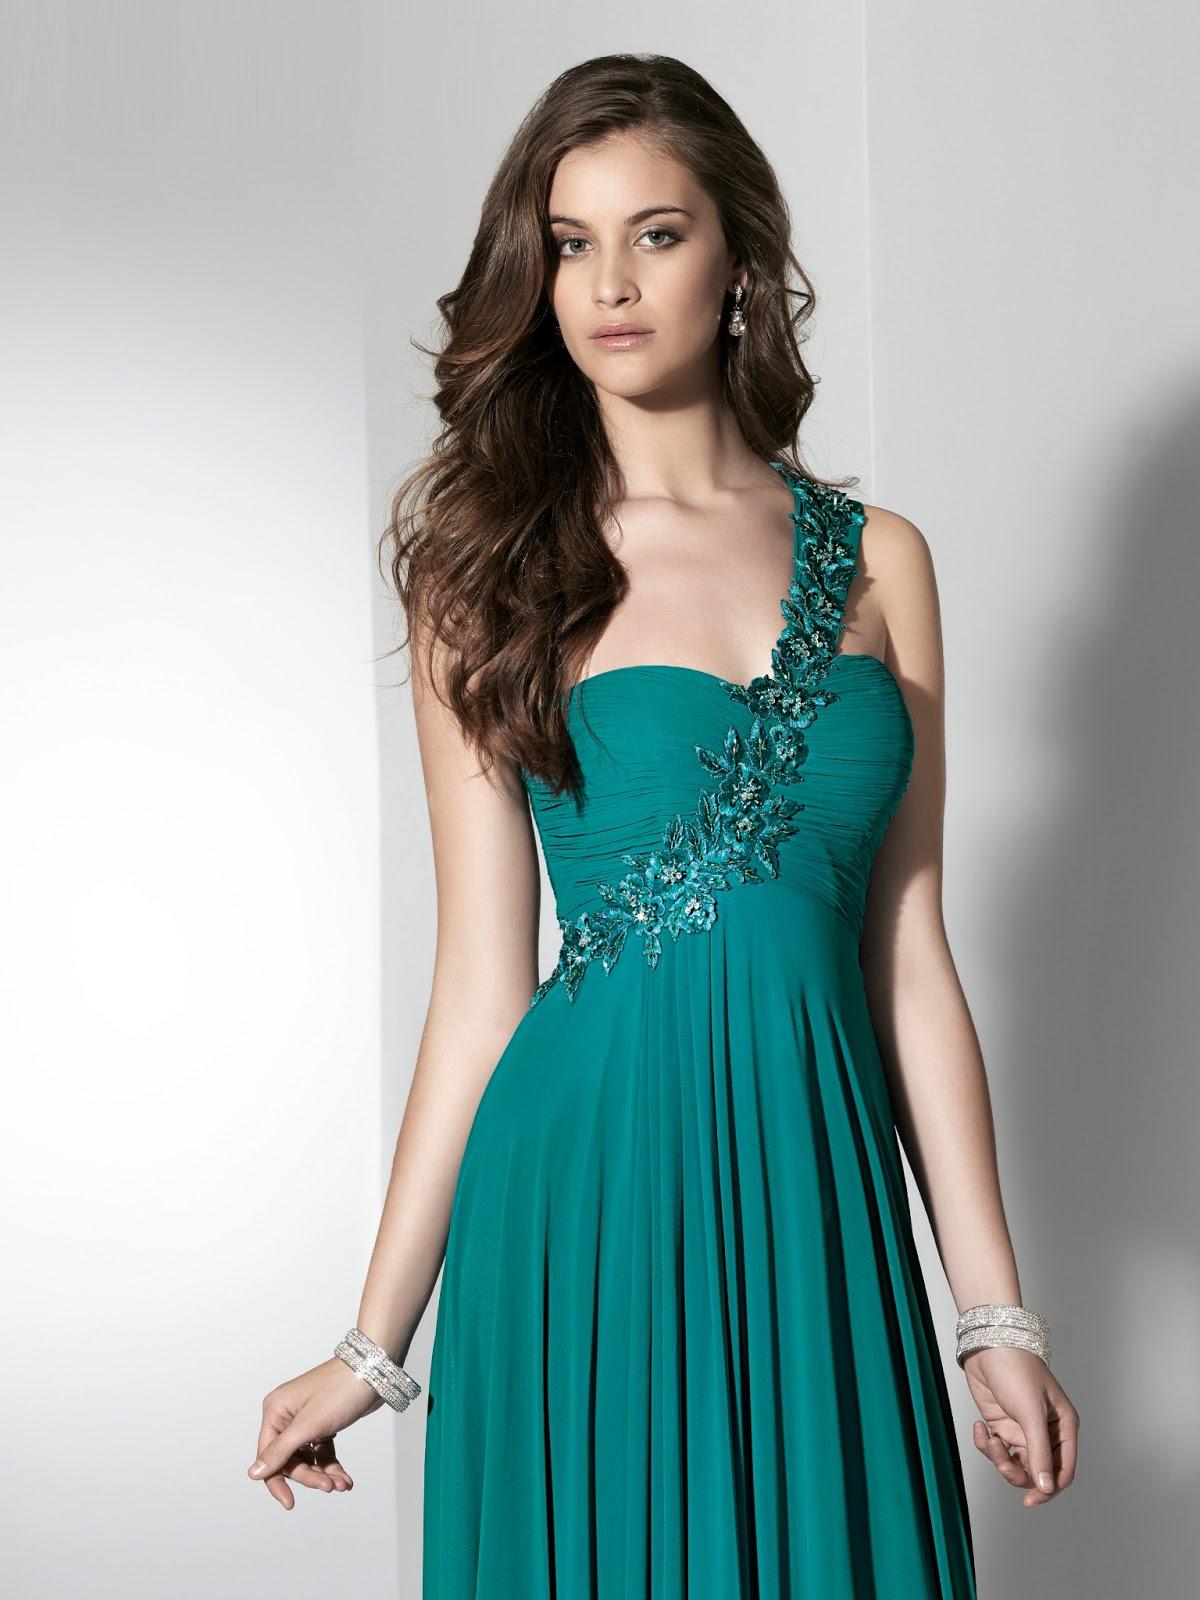 Tendencias en moda nupcial y alta costura | GIANCARLO NOVIAS